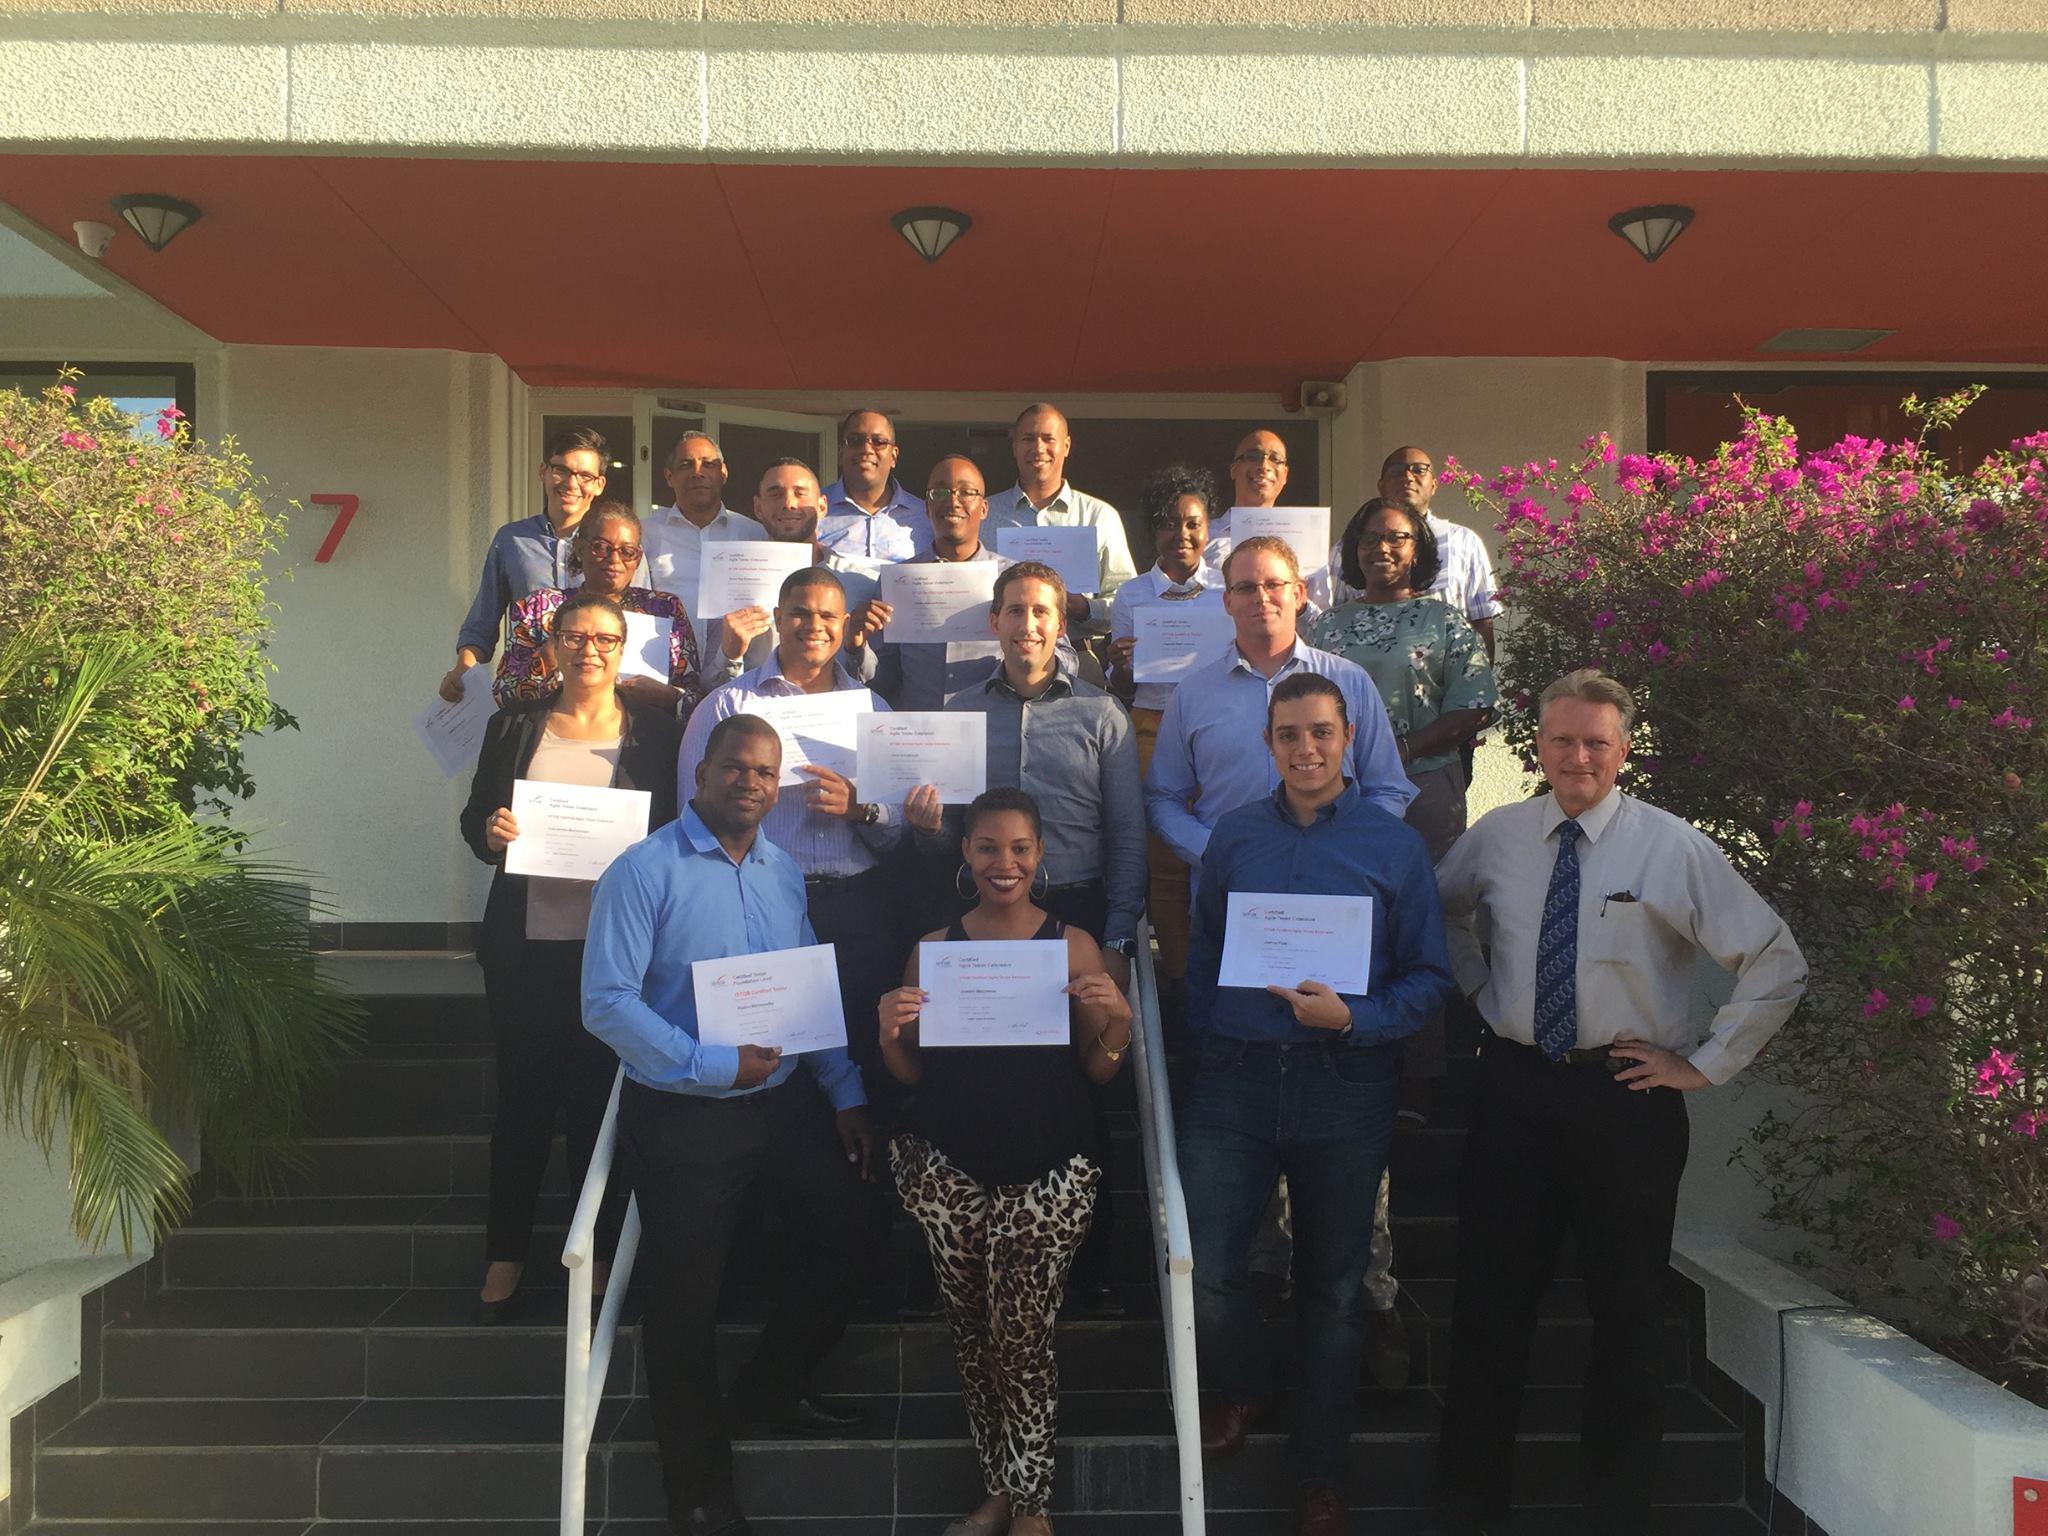 Curaçaose stichting voor Professioneel Software Testen bestaat één jaar